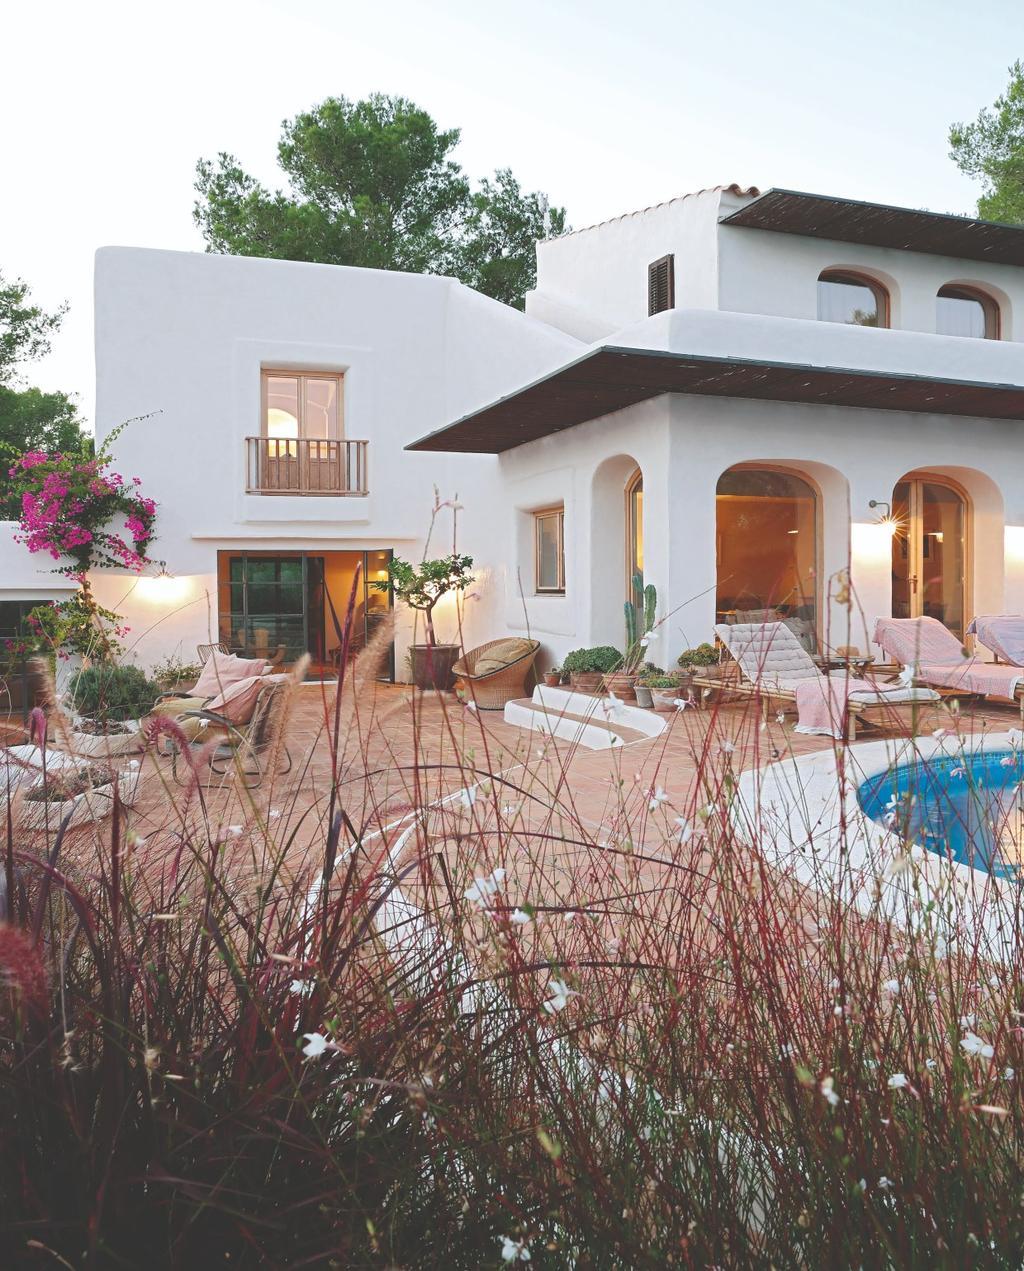 vtwonen 07-2020 | binnenkijken ibiza wit huis met zwembad